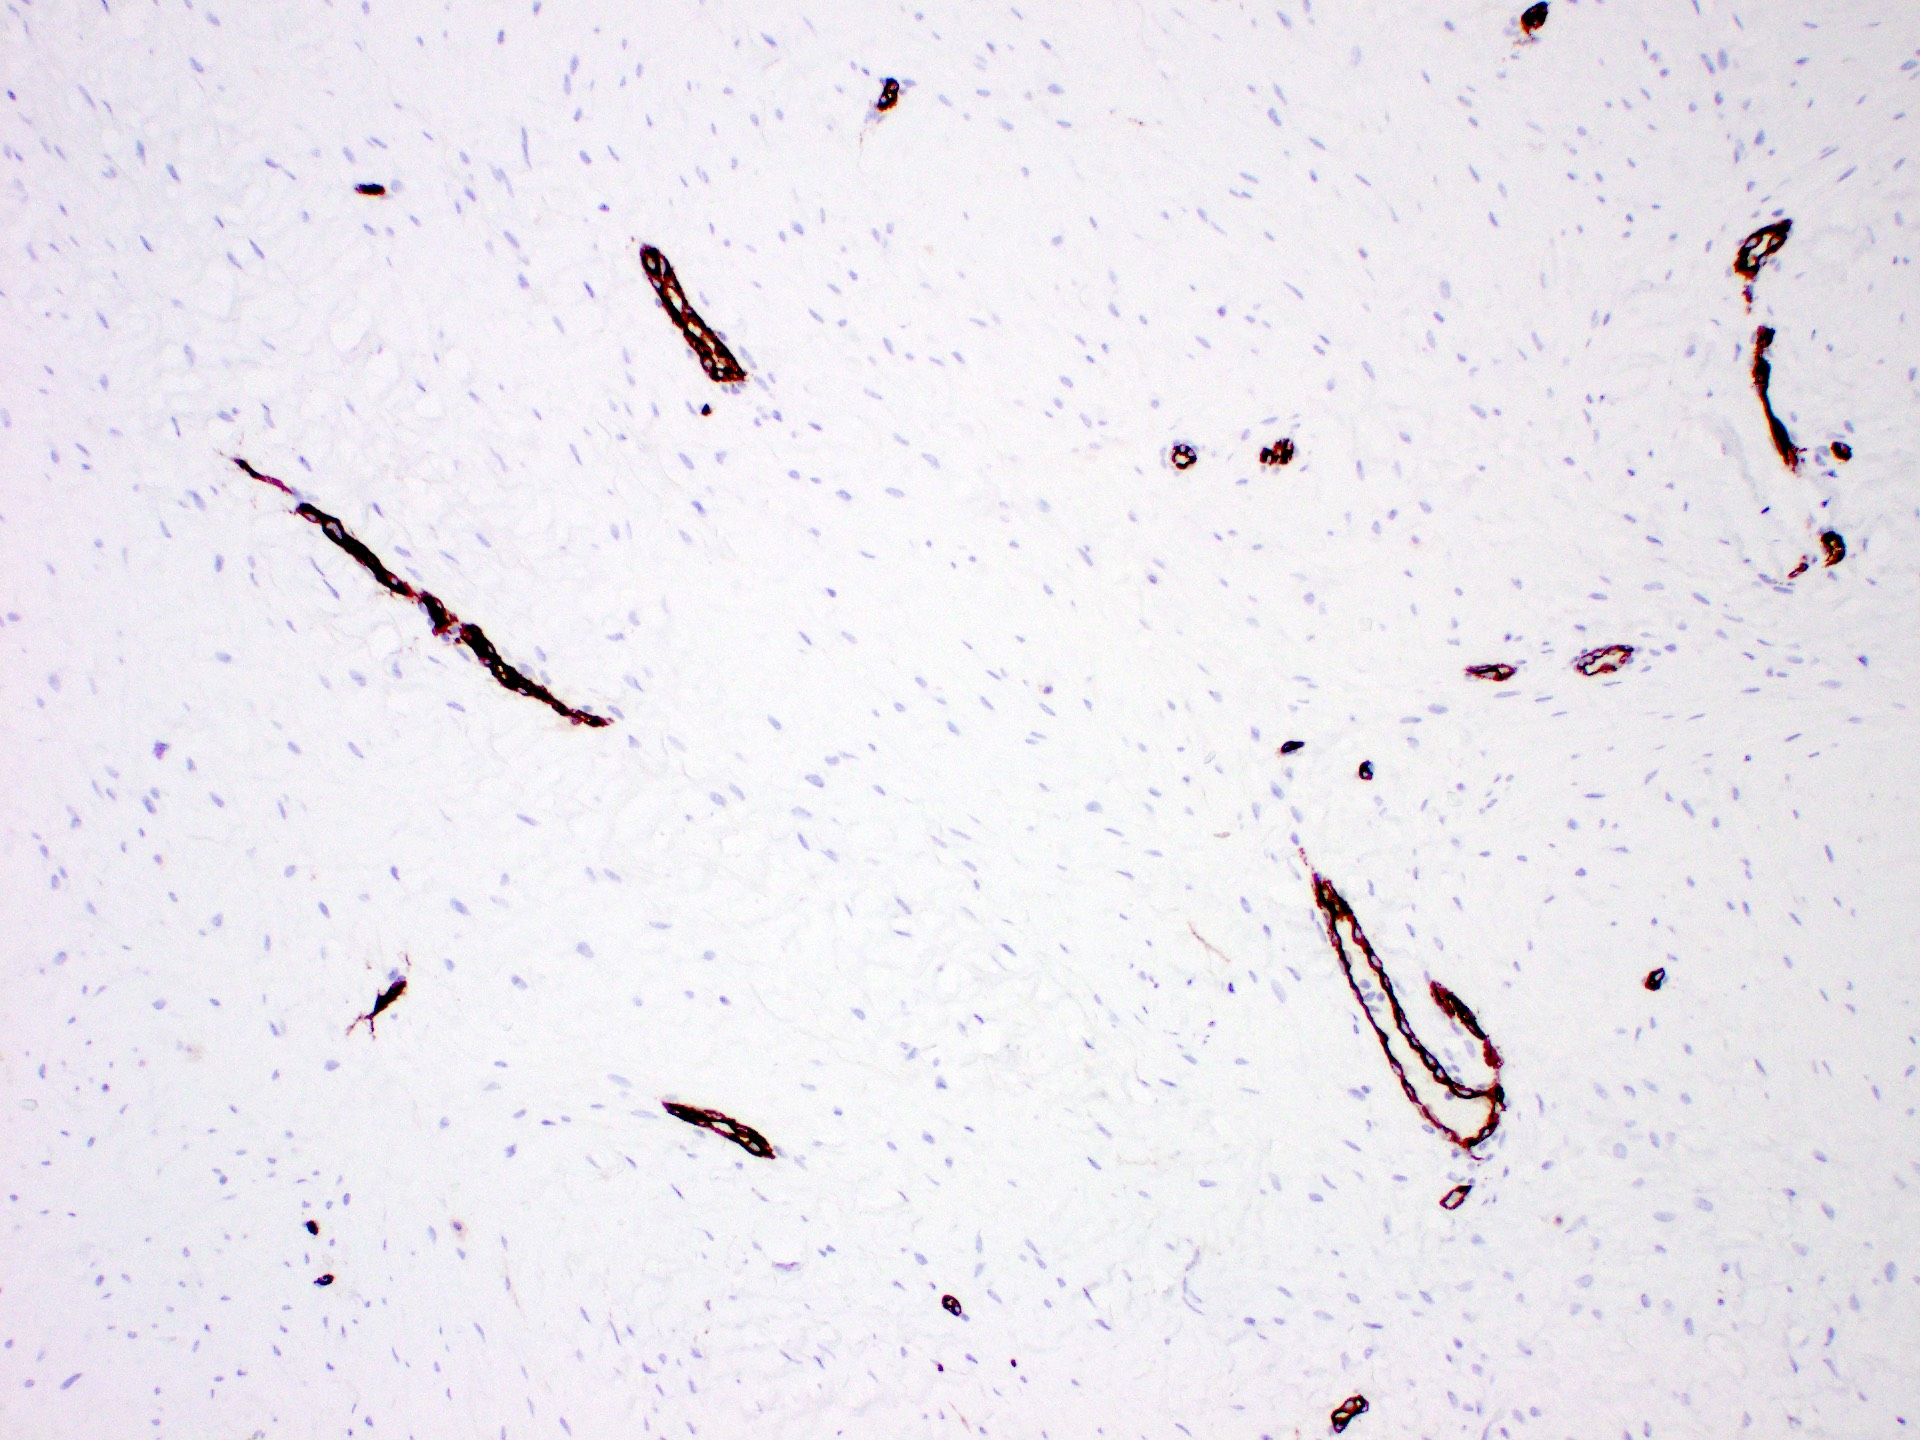 CD34 negative spindle cells